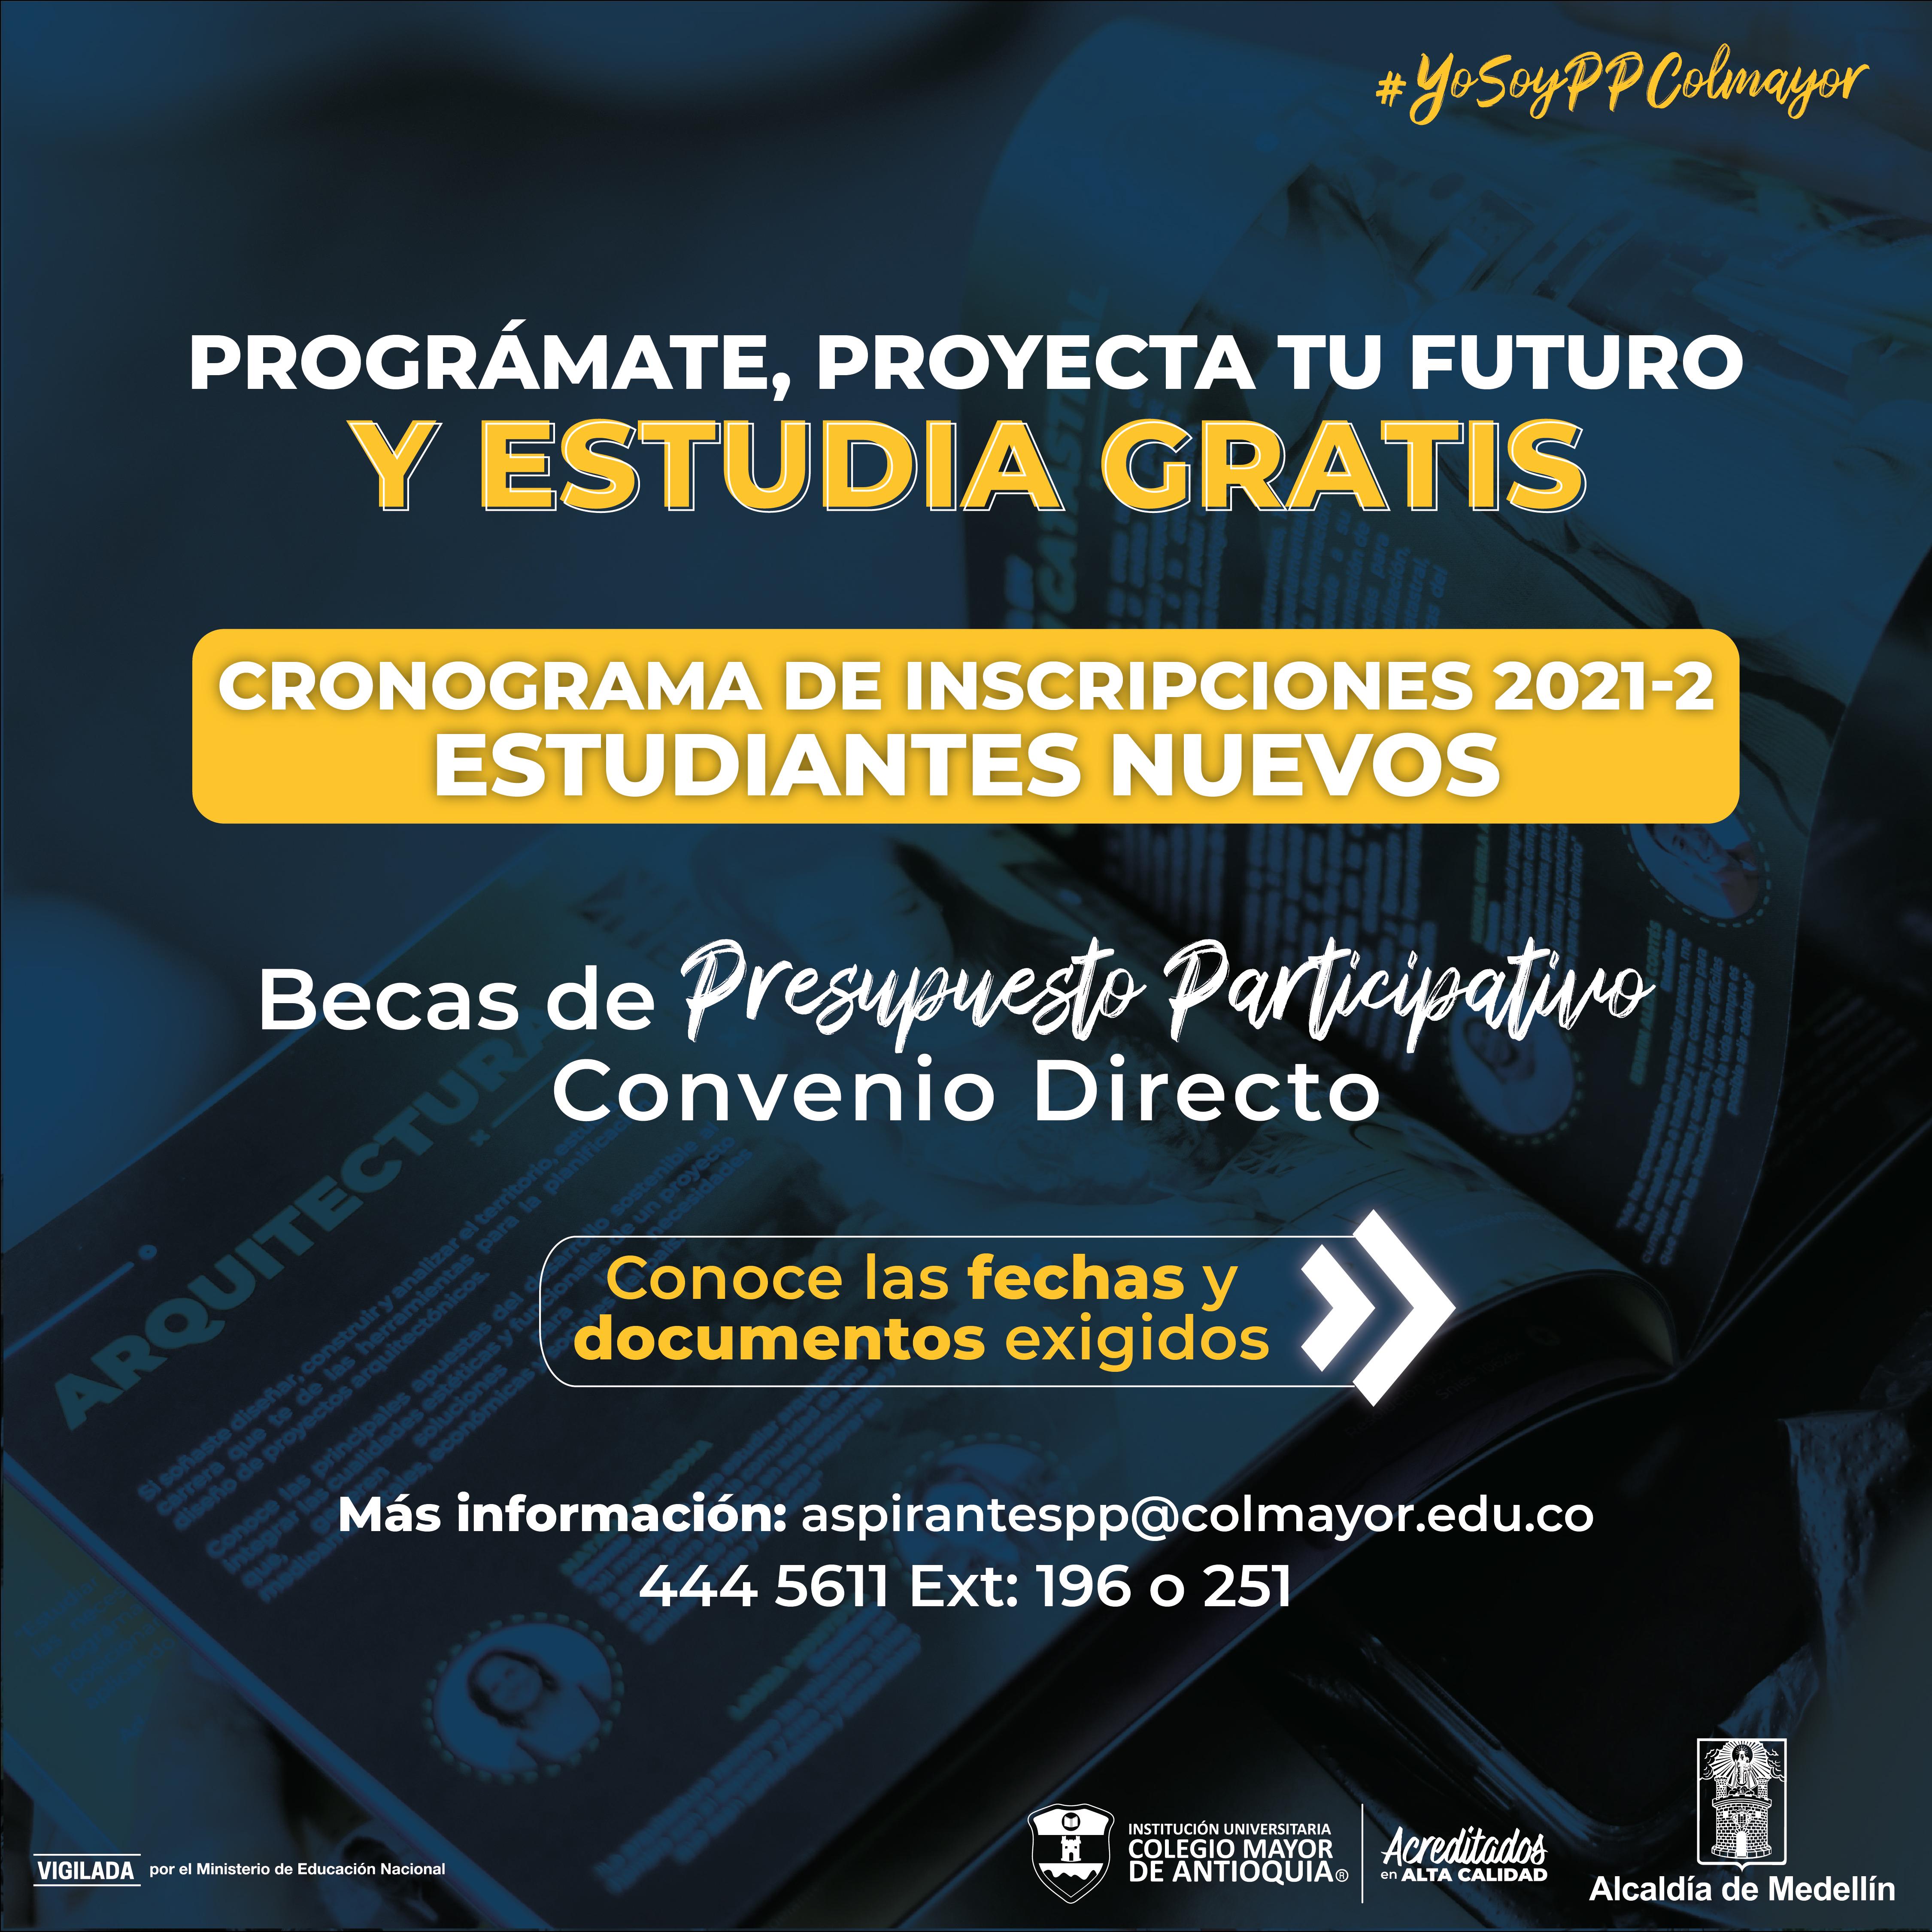 Conoce el cronograma de Presupuesto Participativo convenio directo para estudiantes nuevos